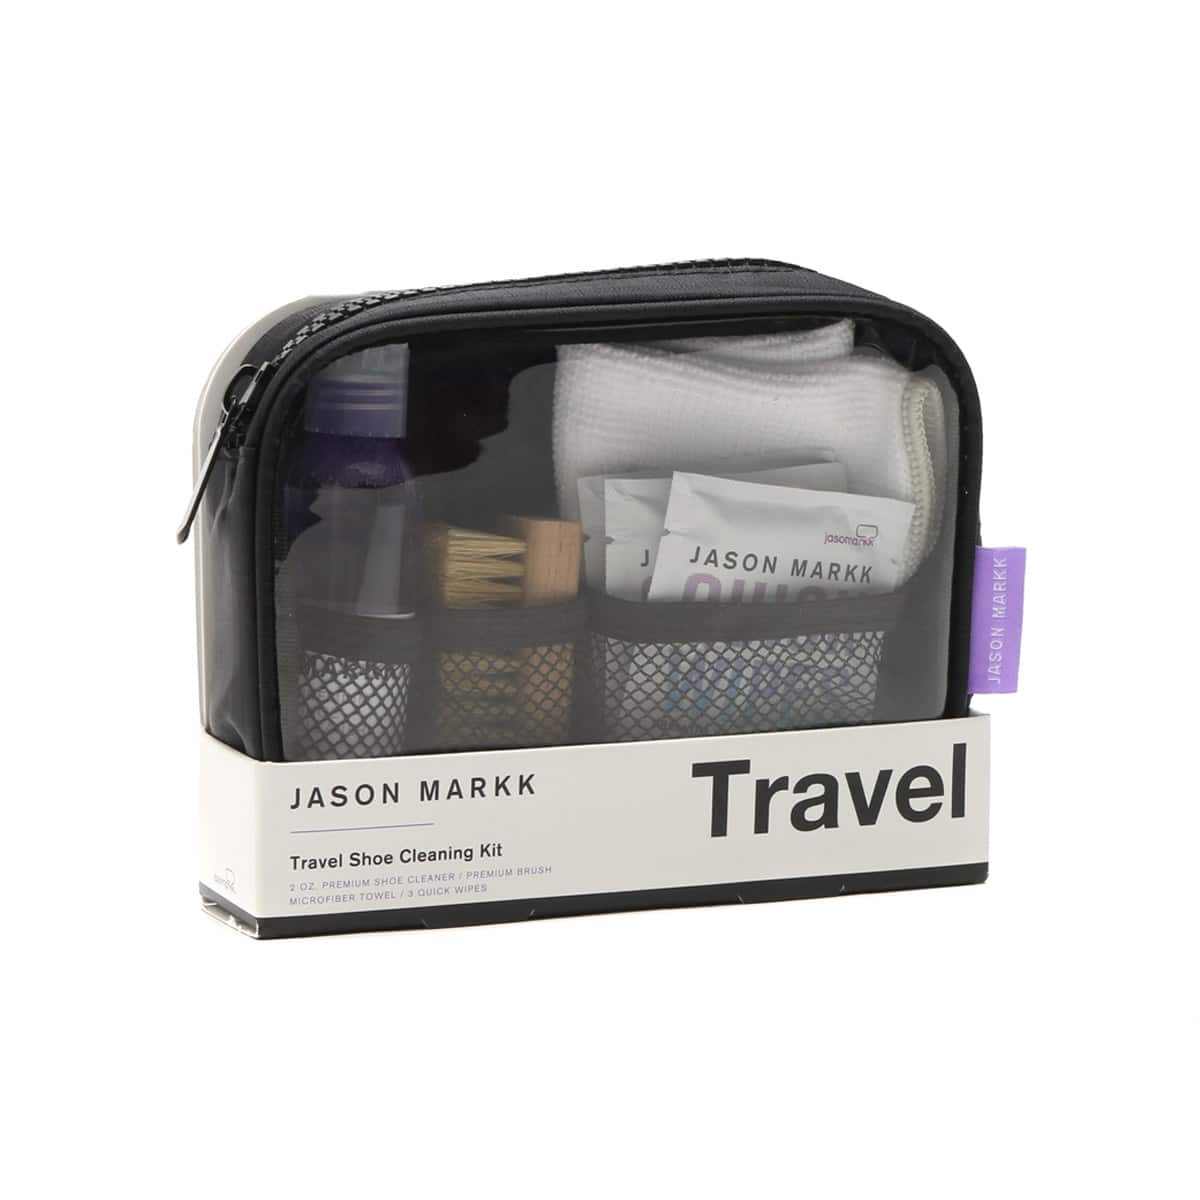 JASON MARKK TRAVEL SHOE CLEANING KIT_photo_large